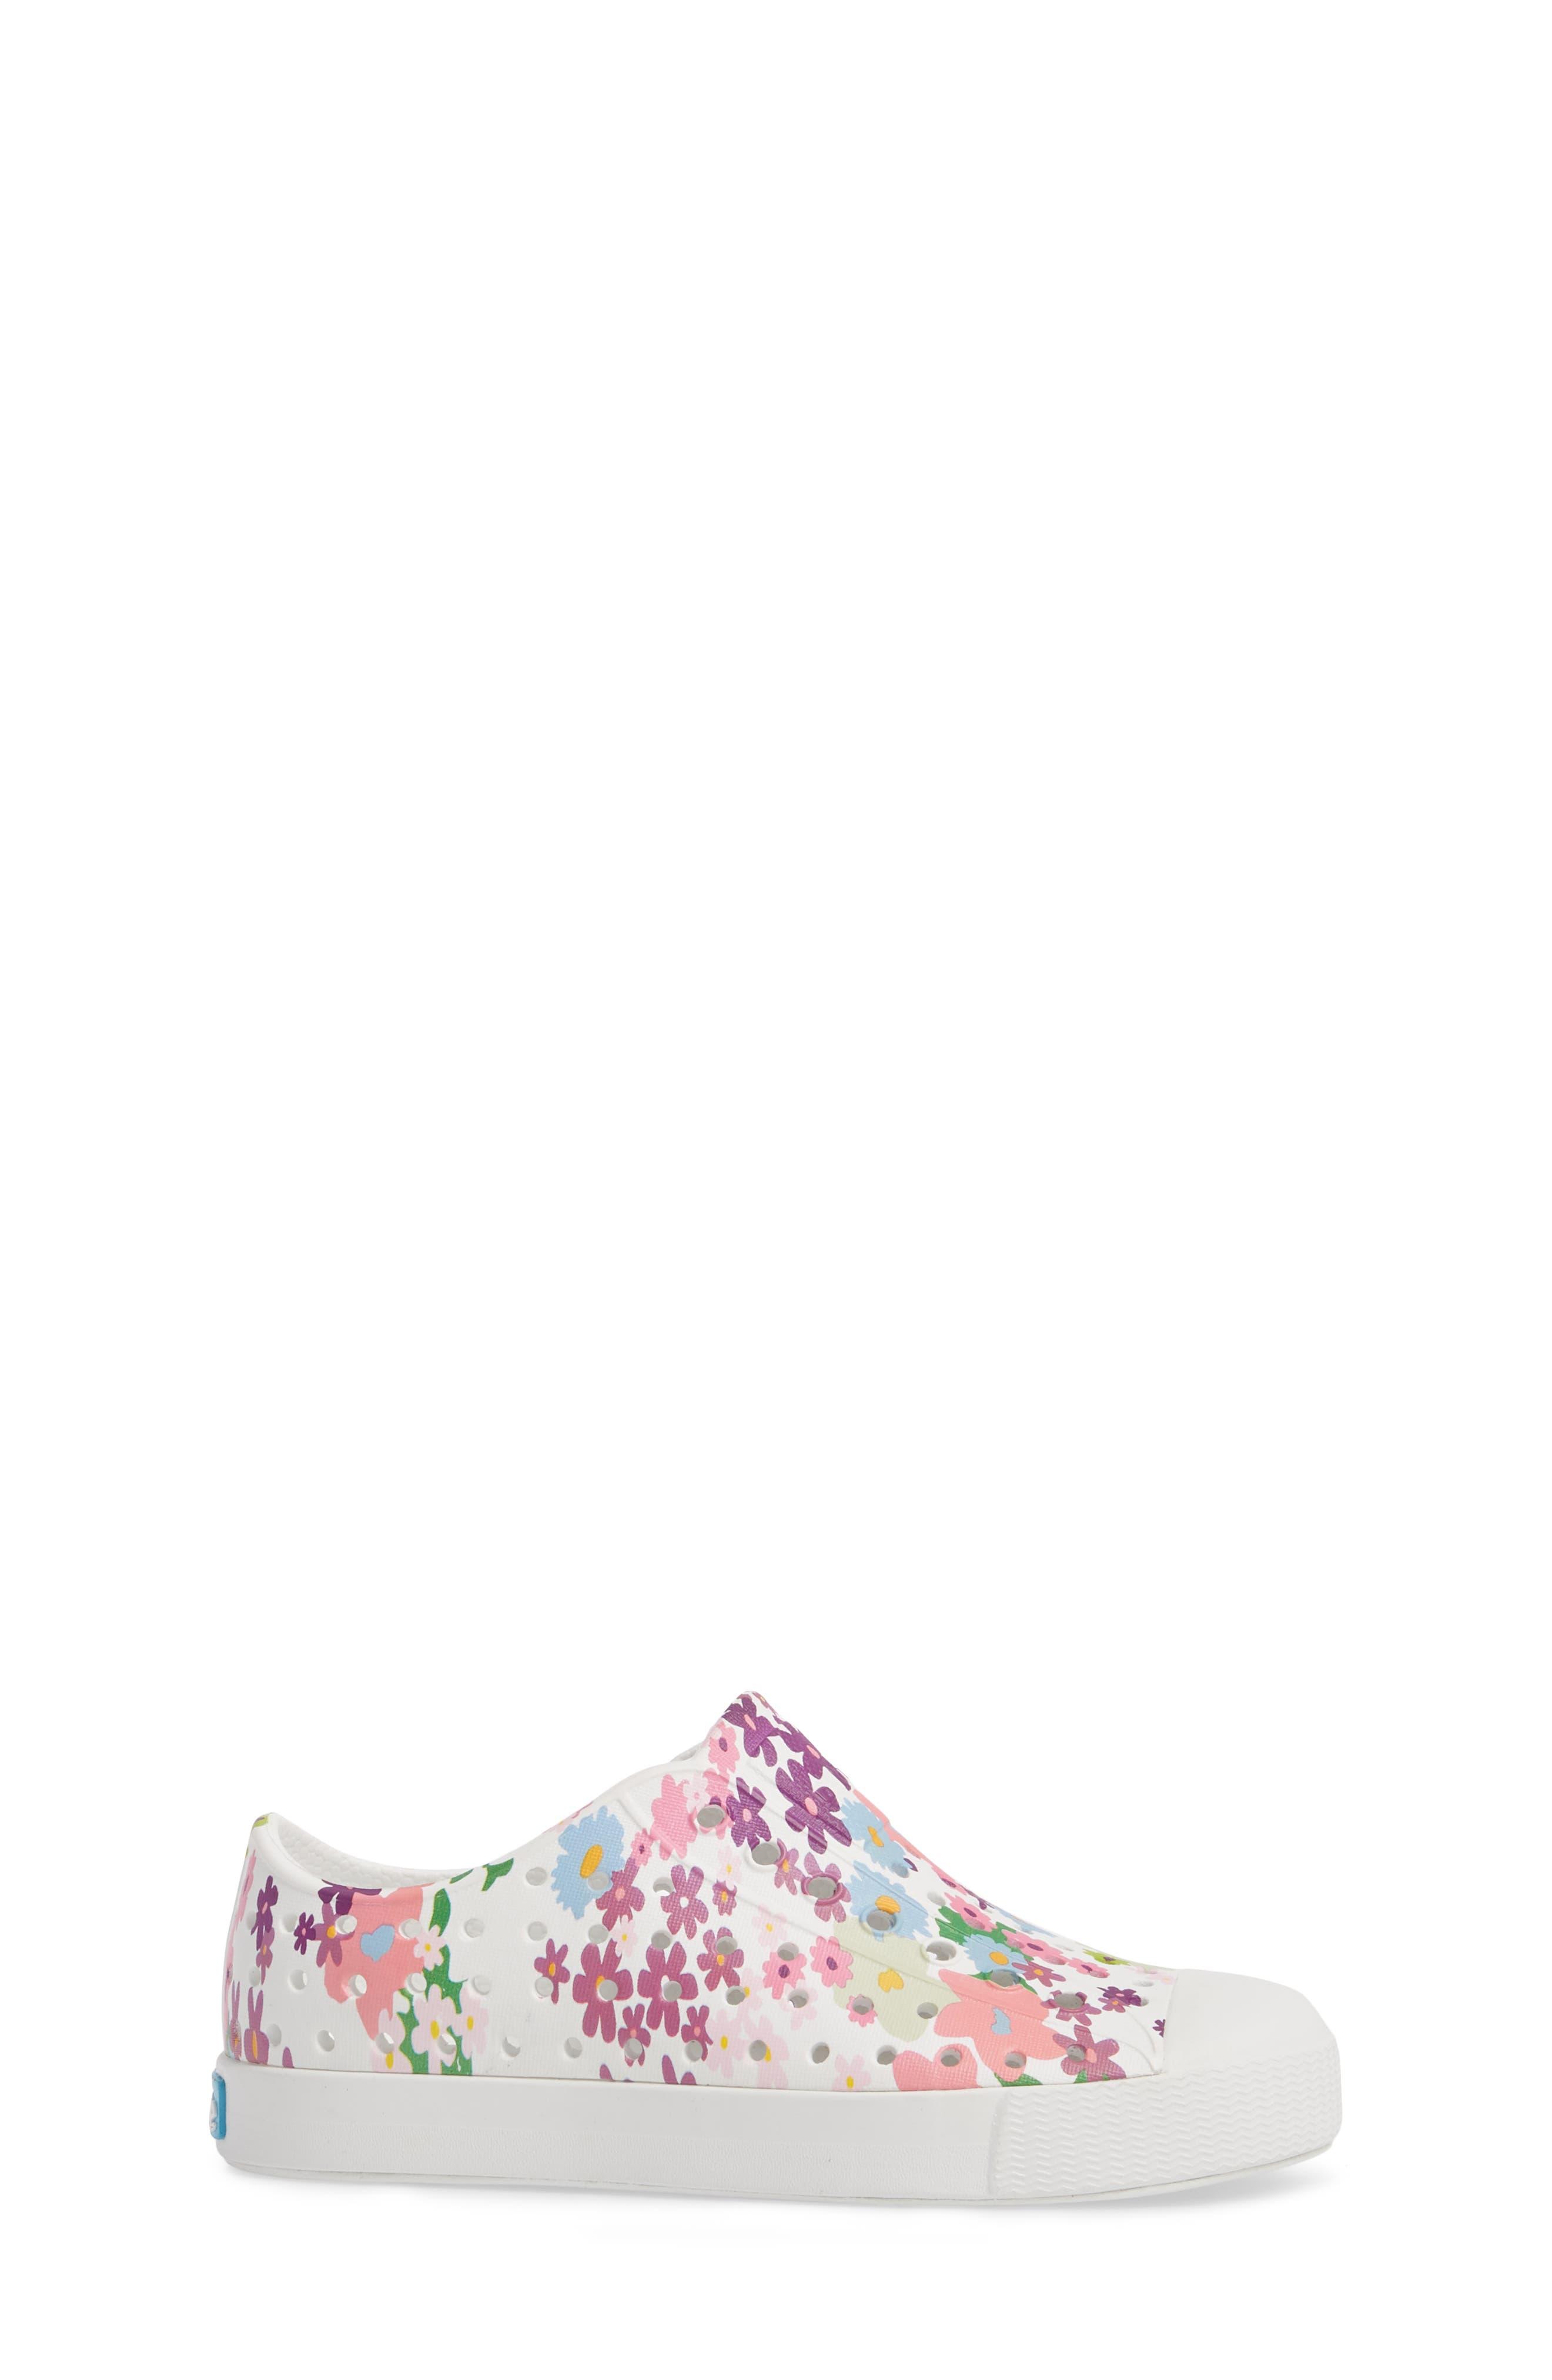 Jefferson Quartz Slip-On Vegan Sneaker,                             Alternate thumbnail 3, color,                             SHELL WHITE/ DAISY PRINT